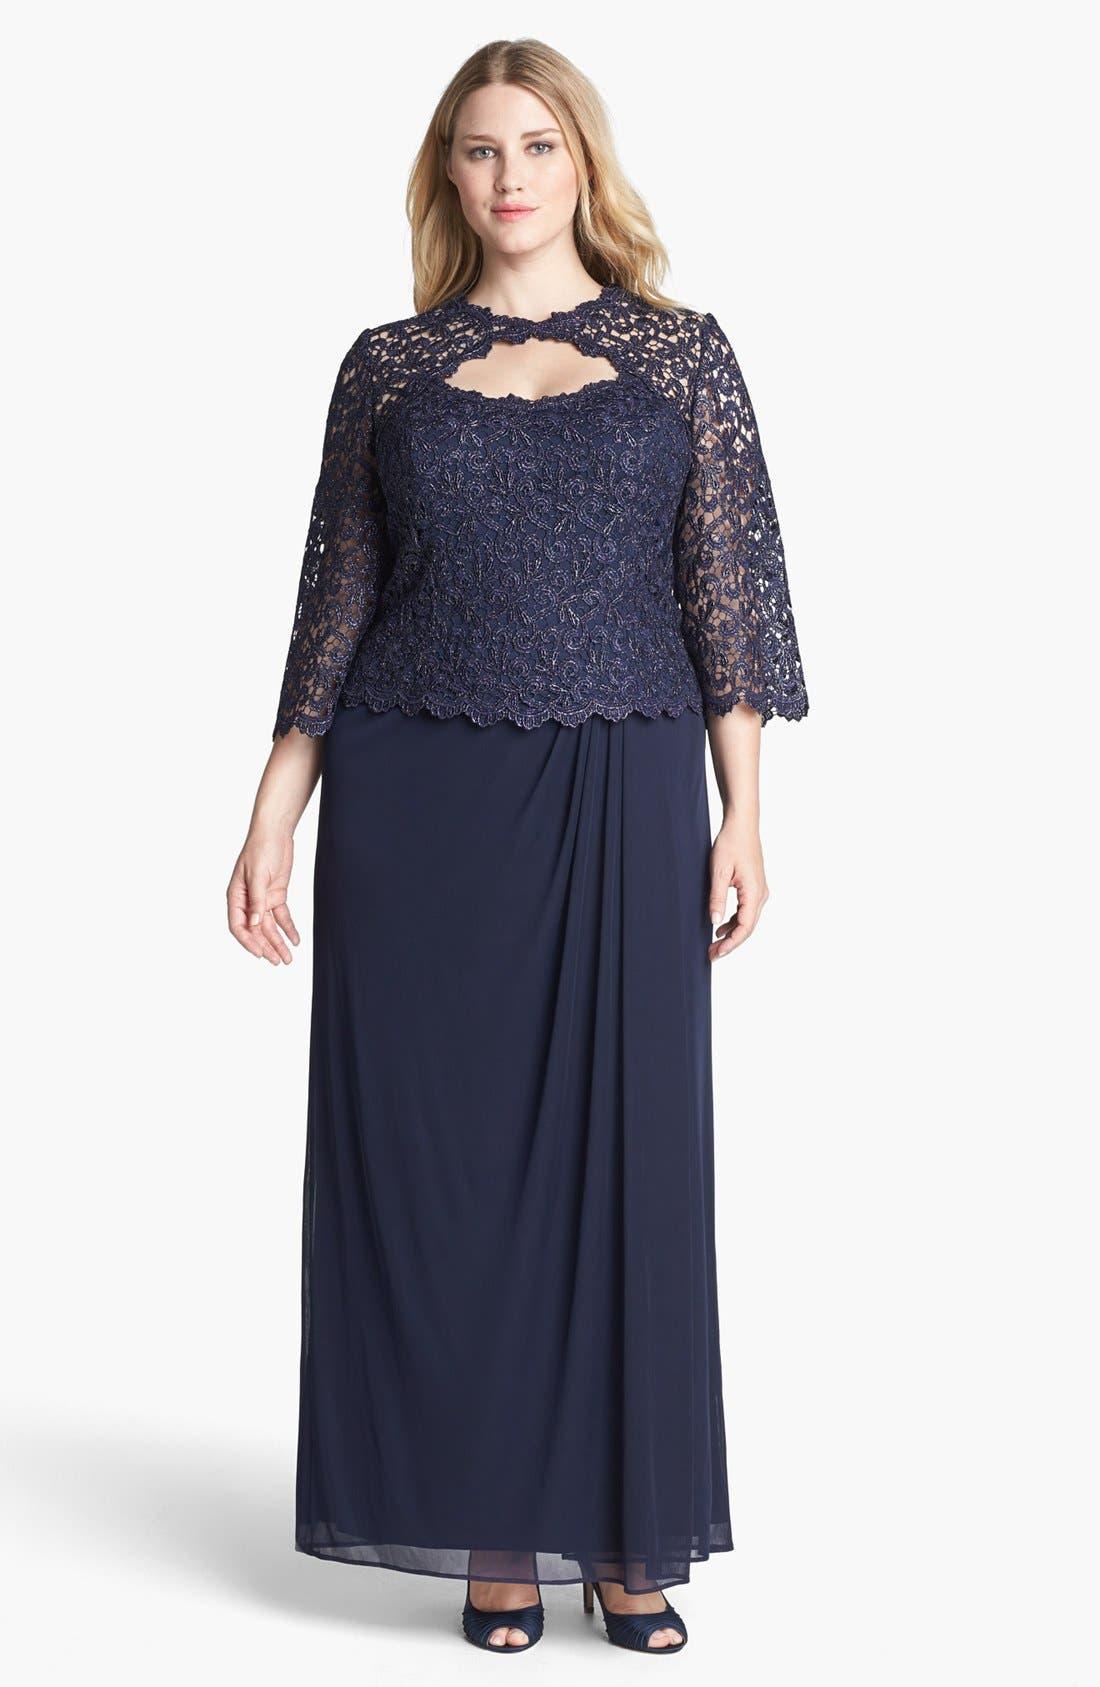 Main Image - Alex Evenings Metallic Lace & Mesh Gown (Plus Size)